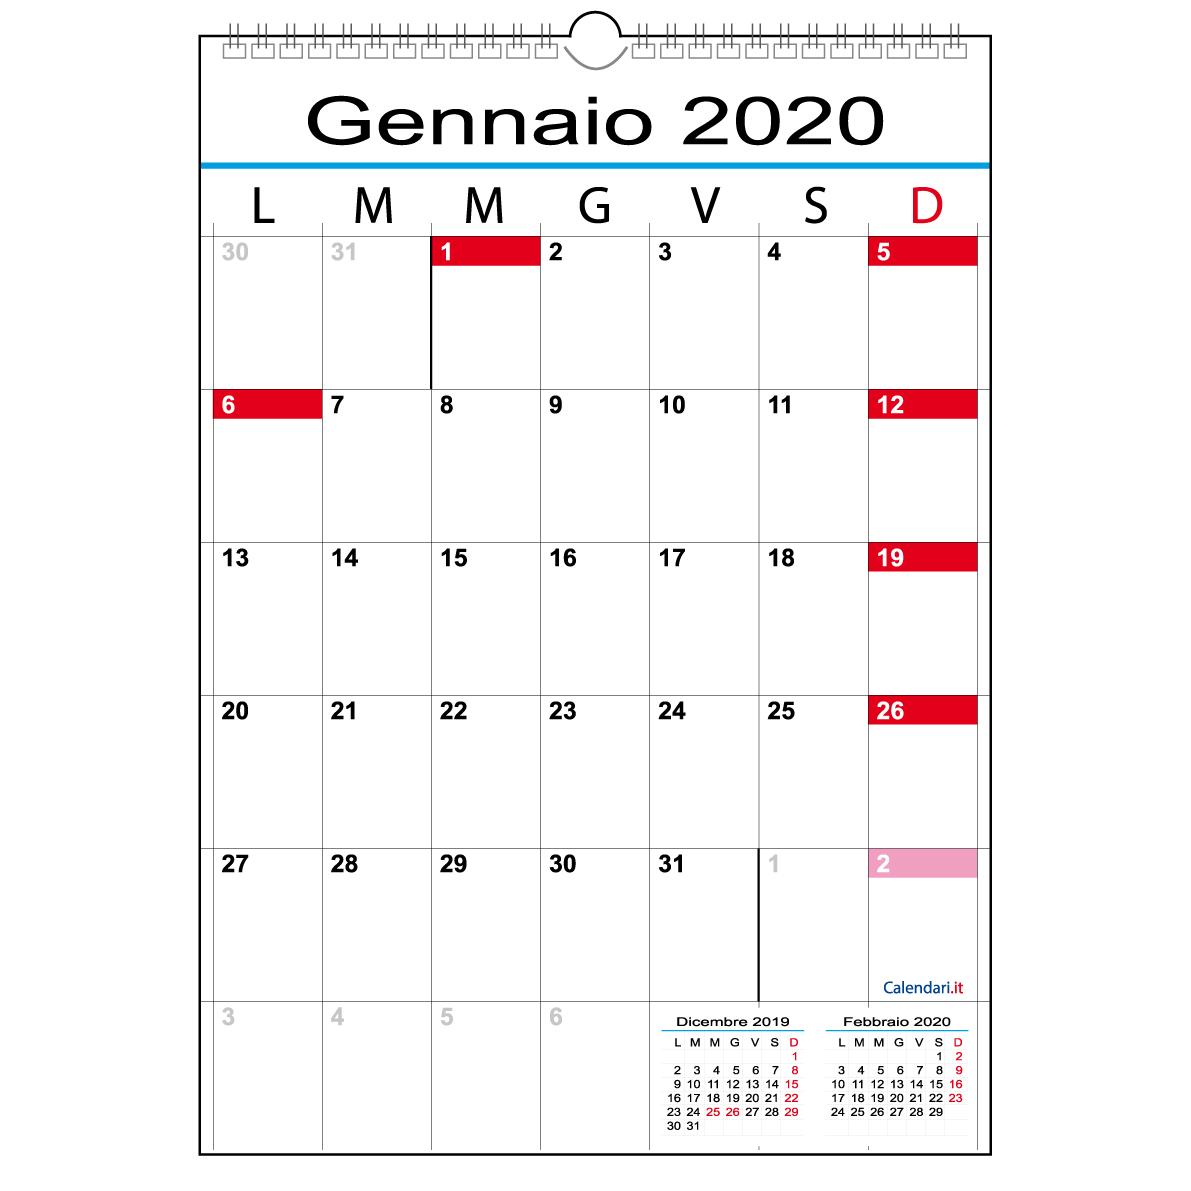 Calendario 2020 Con Numero Settimane.Calendario 2020 Con 12 Mesi A Caselle Tabellare Mensile